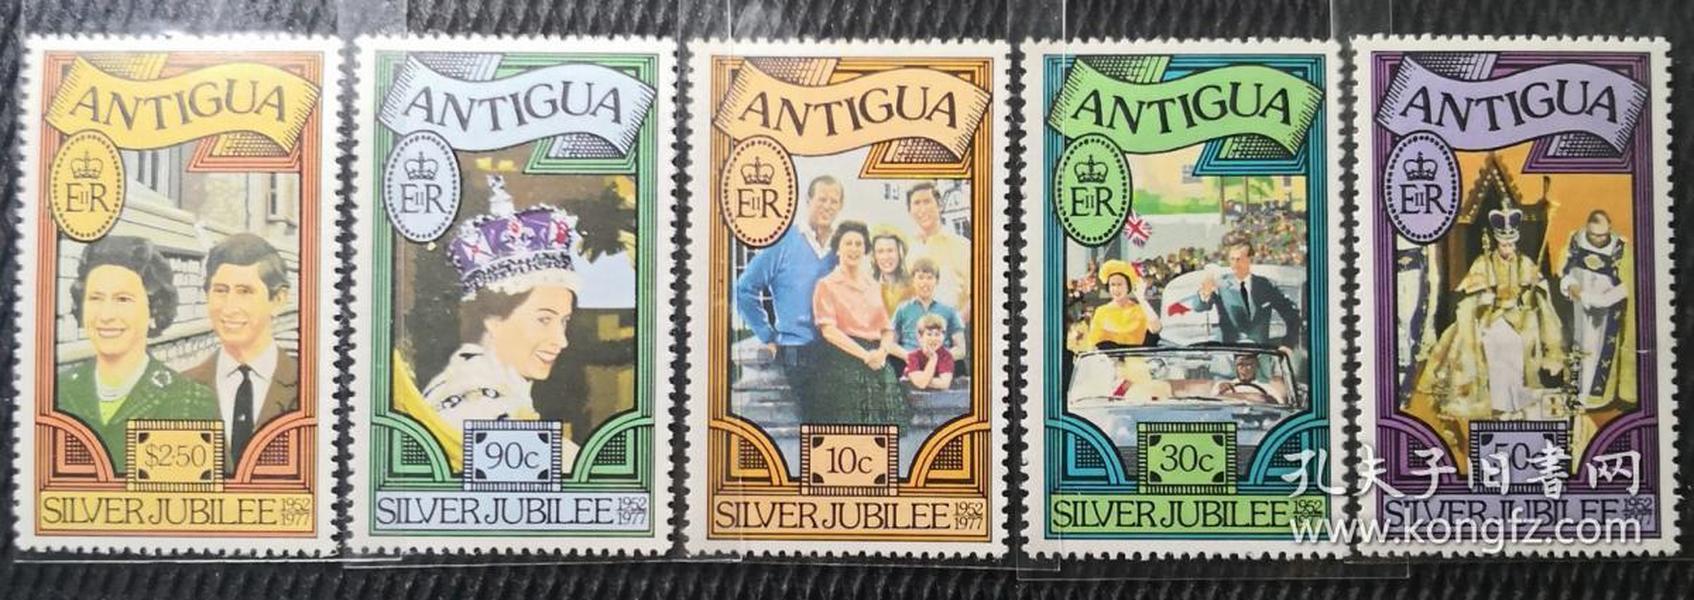 安提瓜1977年 英国伊丽莎白女王25周年 5全新  实拍